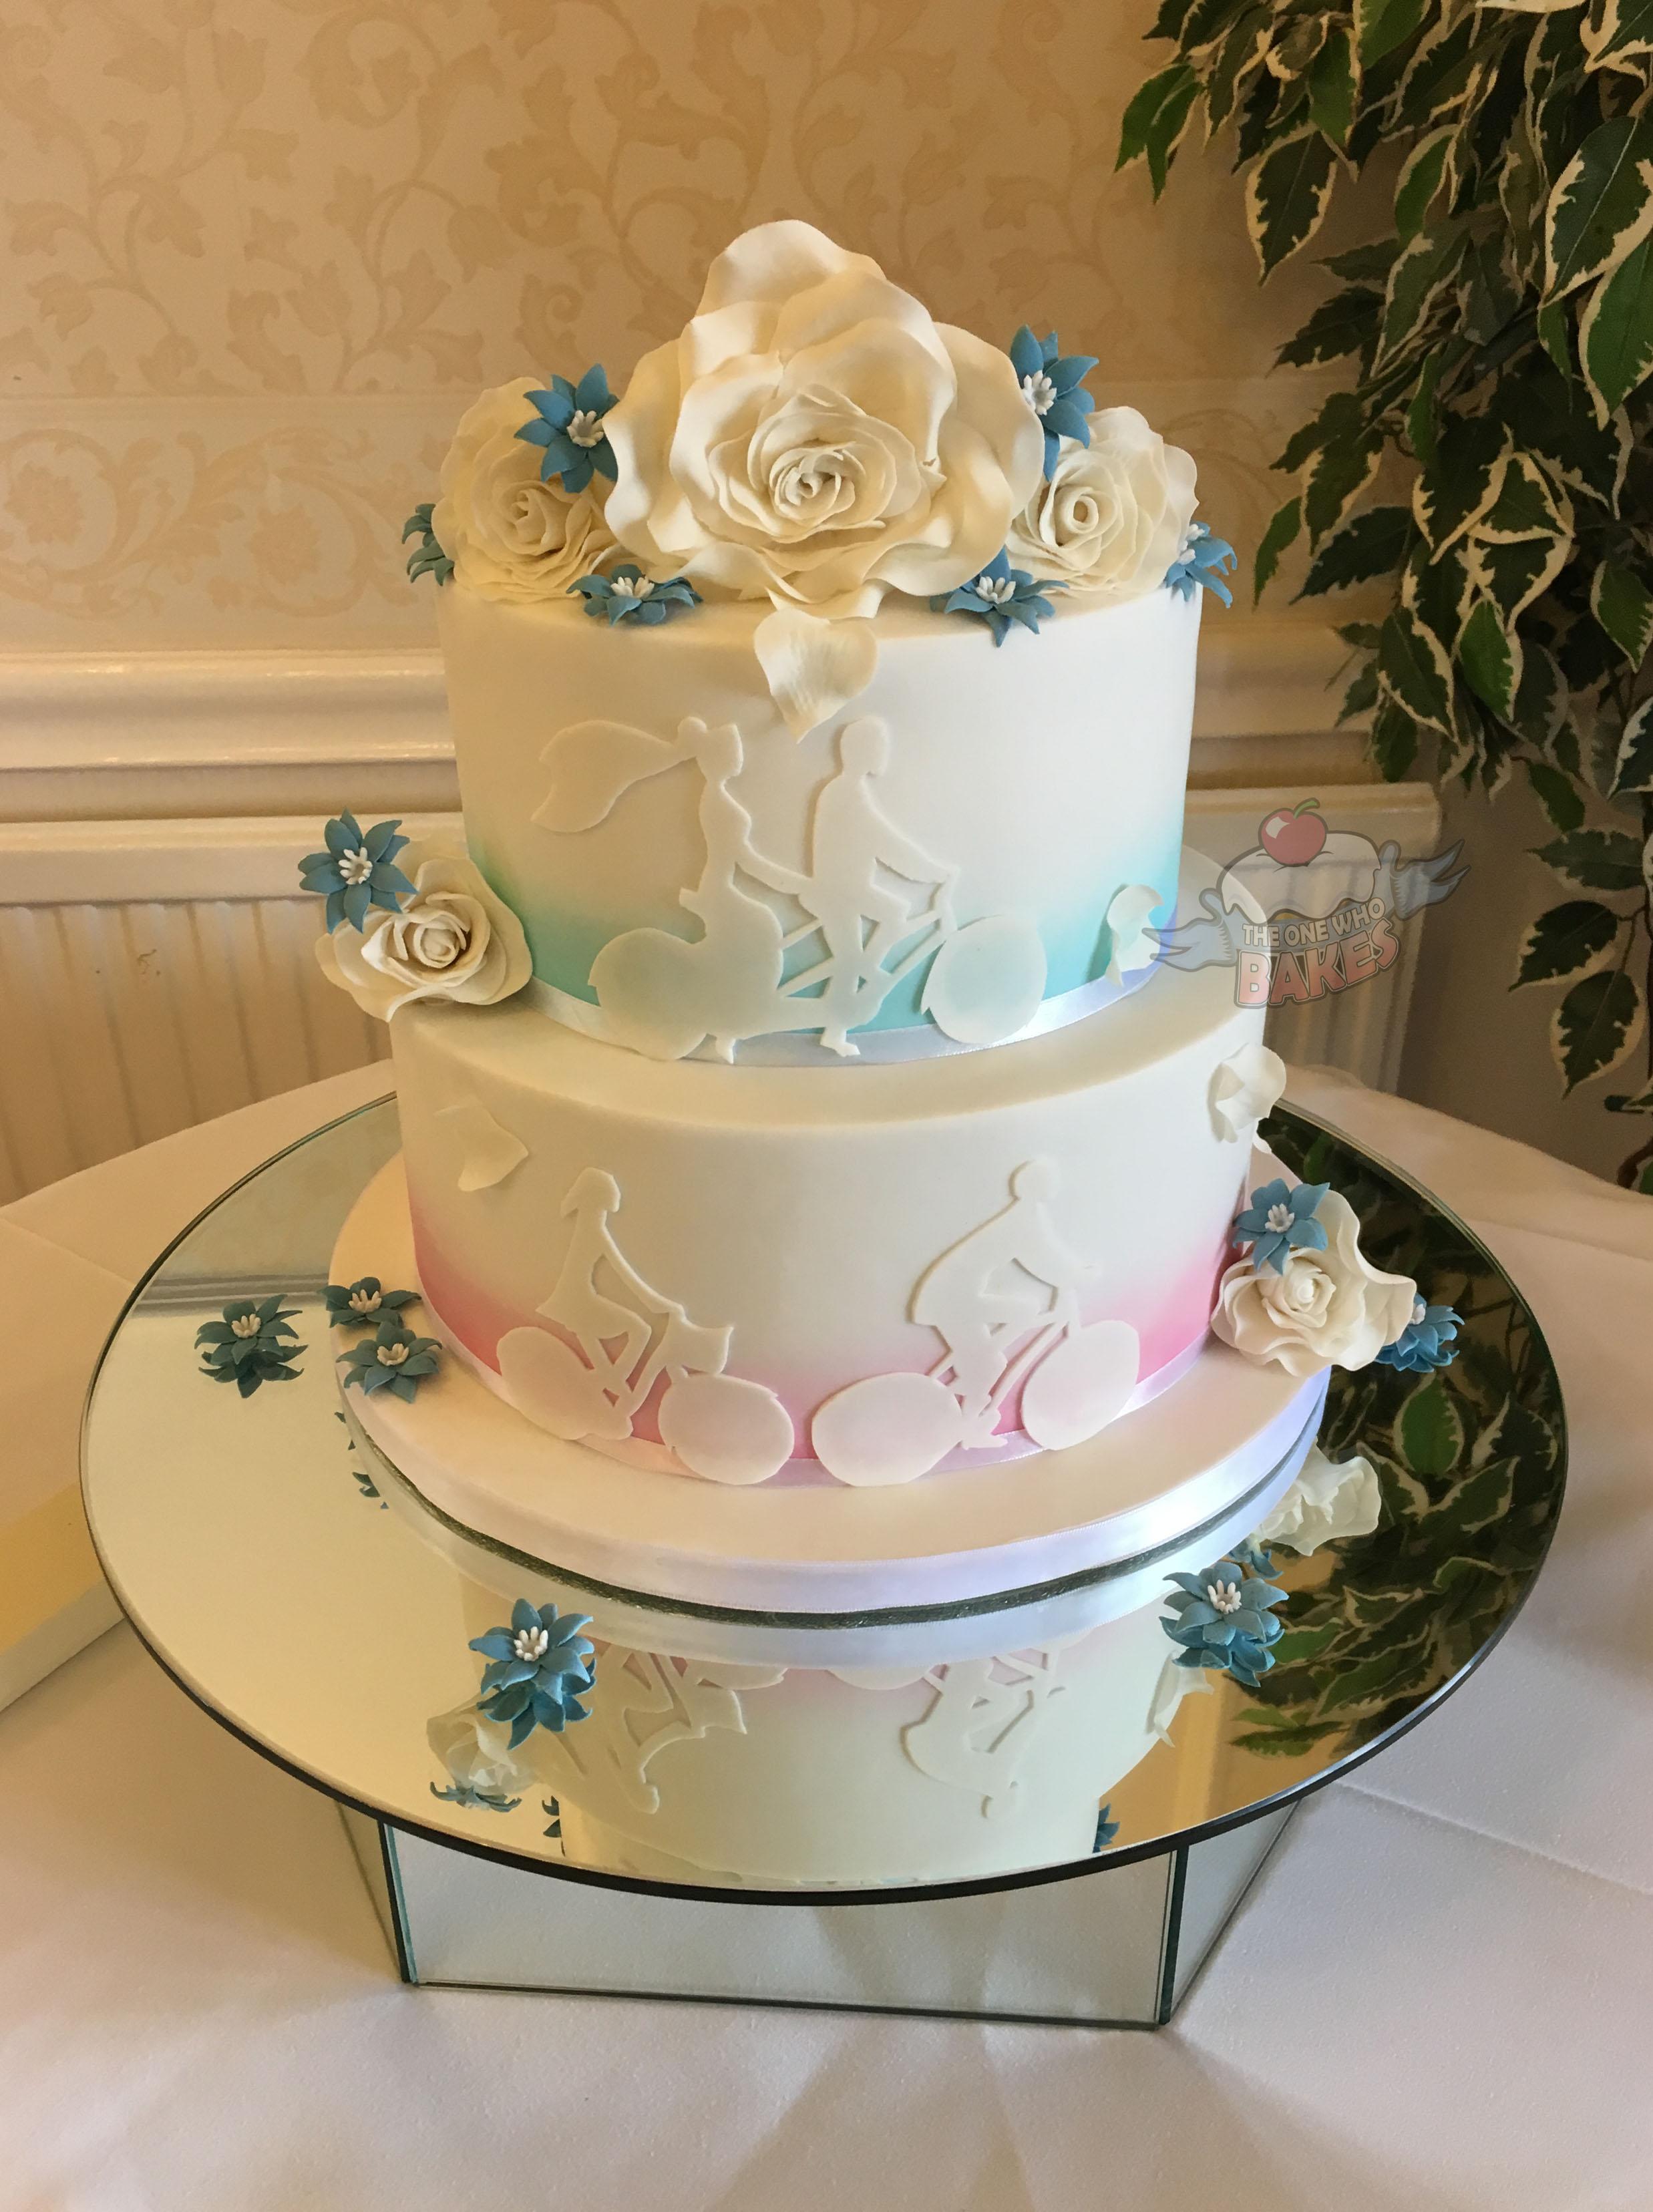 White Silhouette Wedding Cake